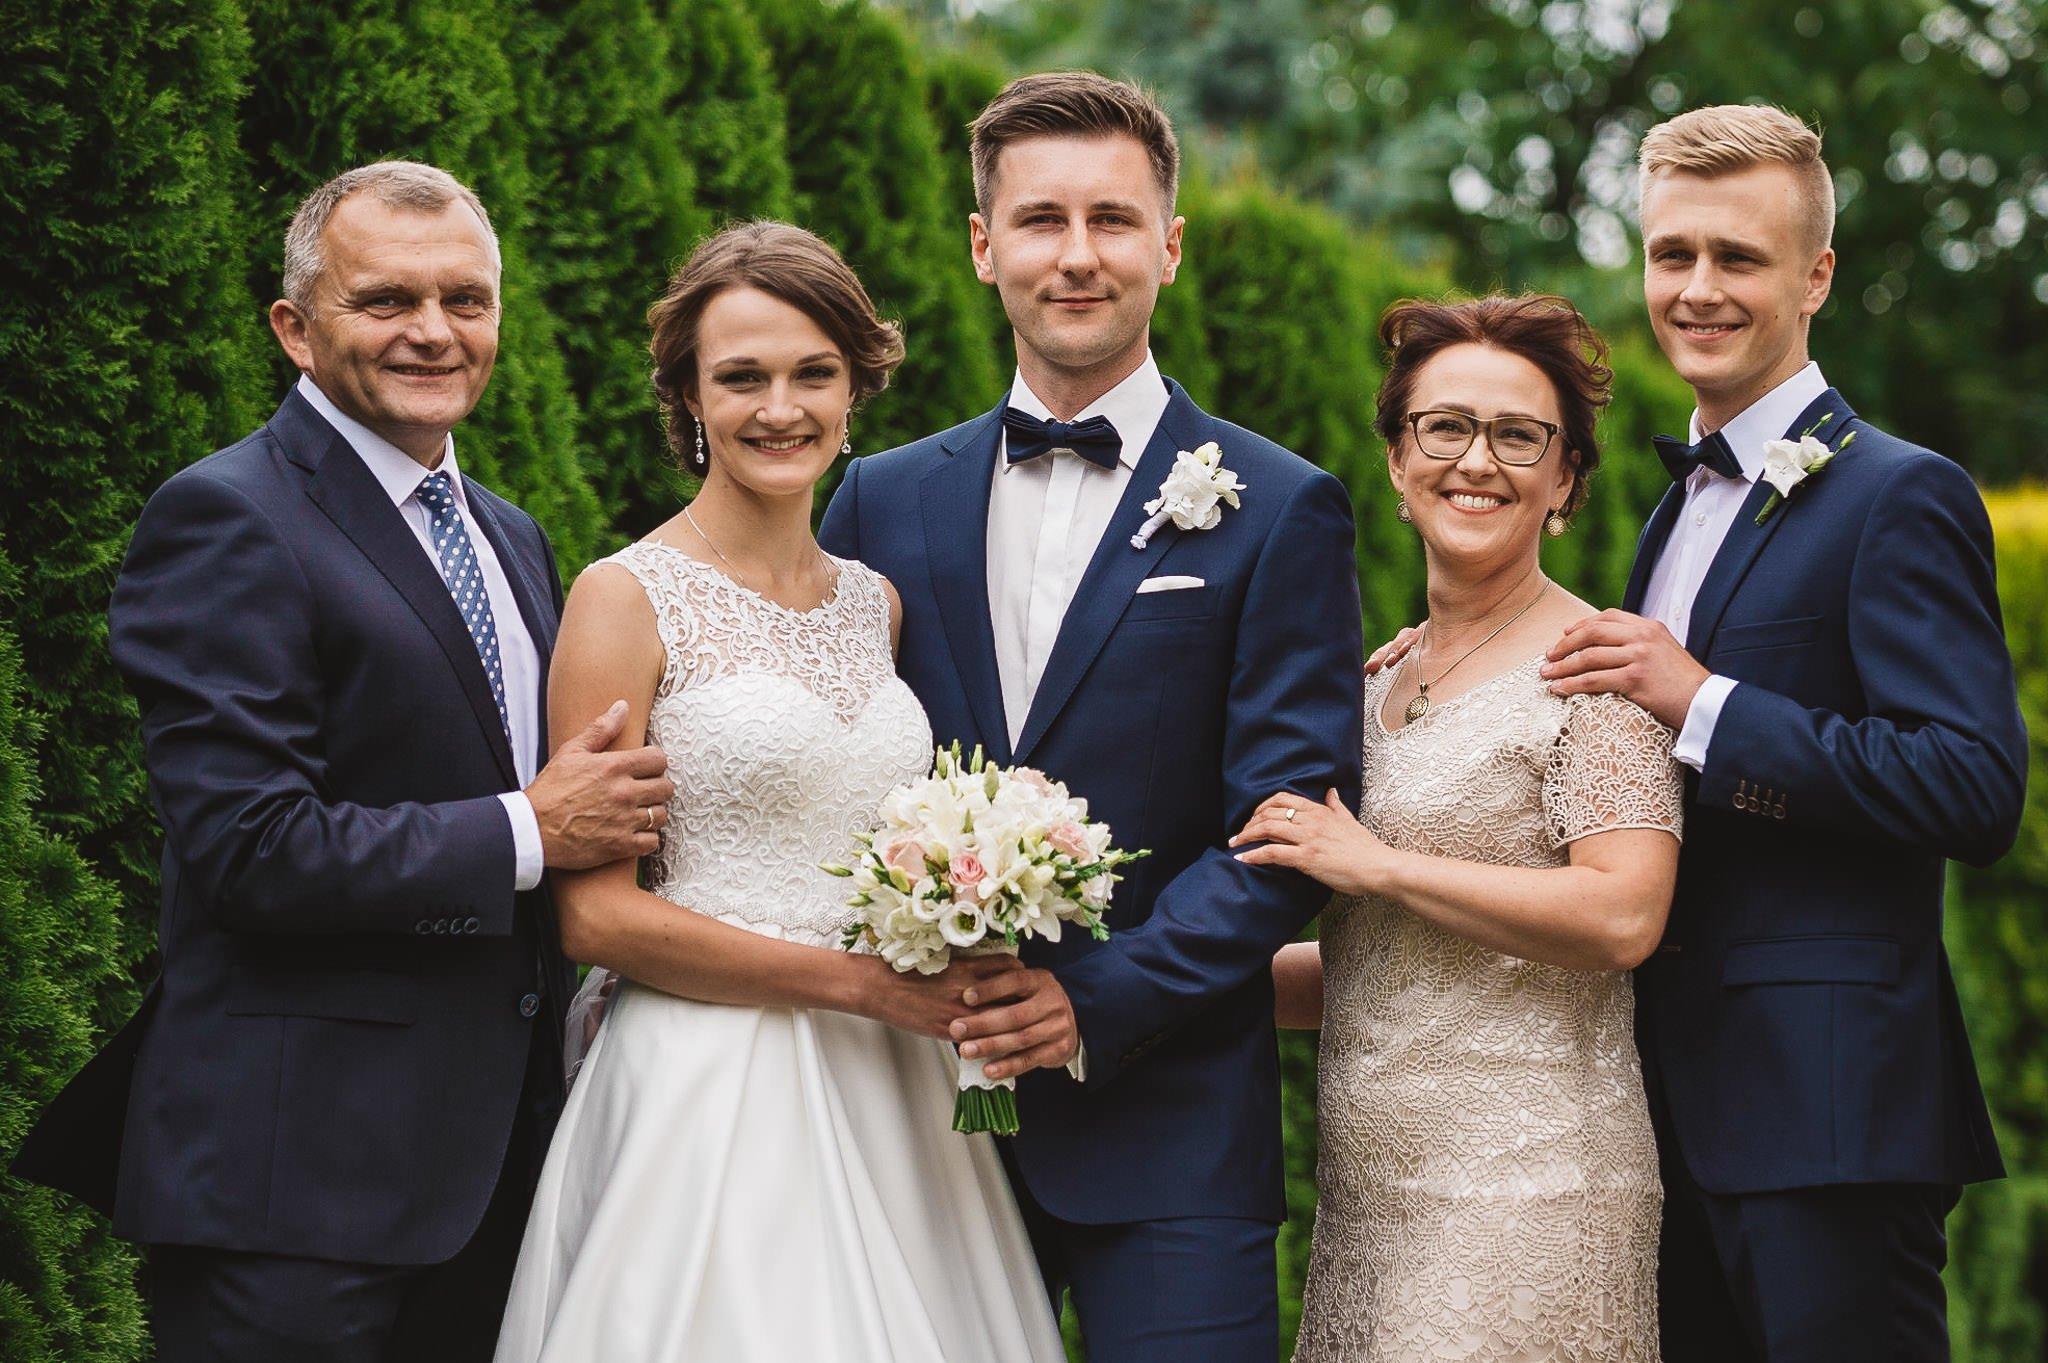 Monika i Michał, wesele w Paryżu i sesja plenerowa w stadninie koni w Czołowie 61